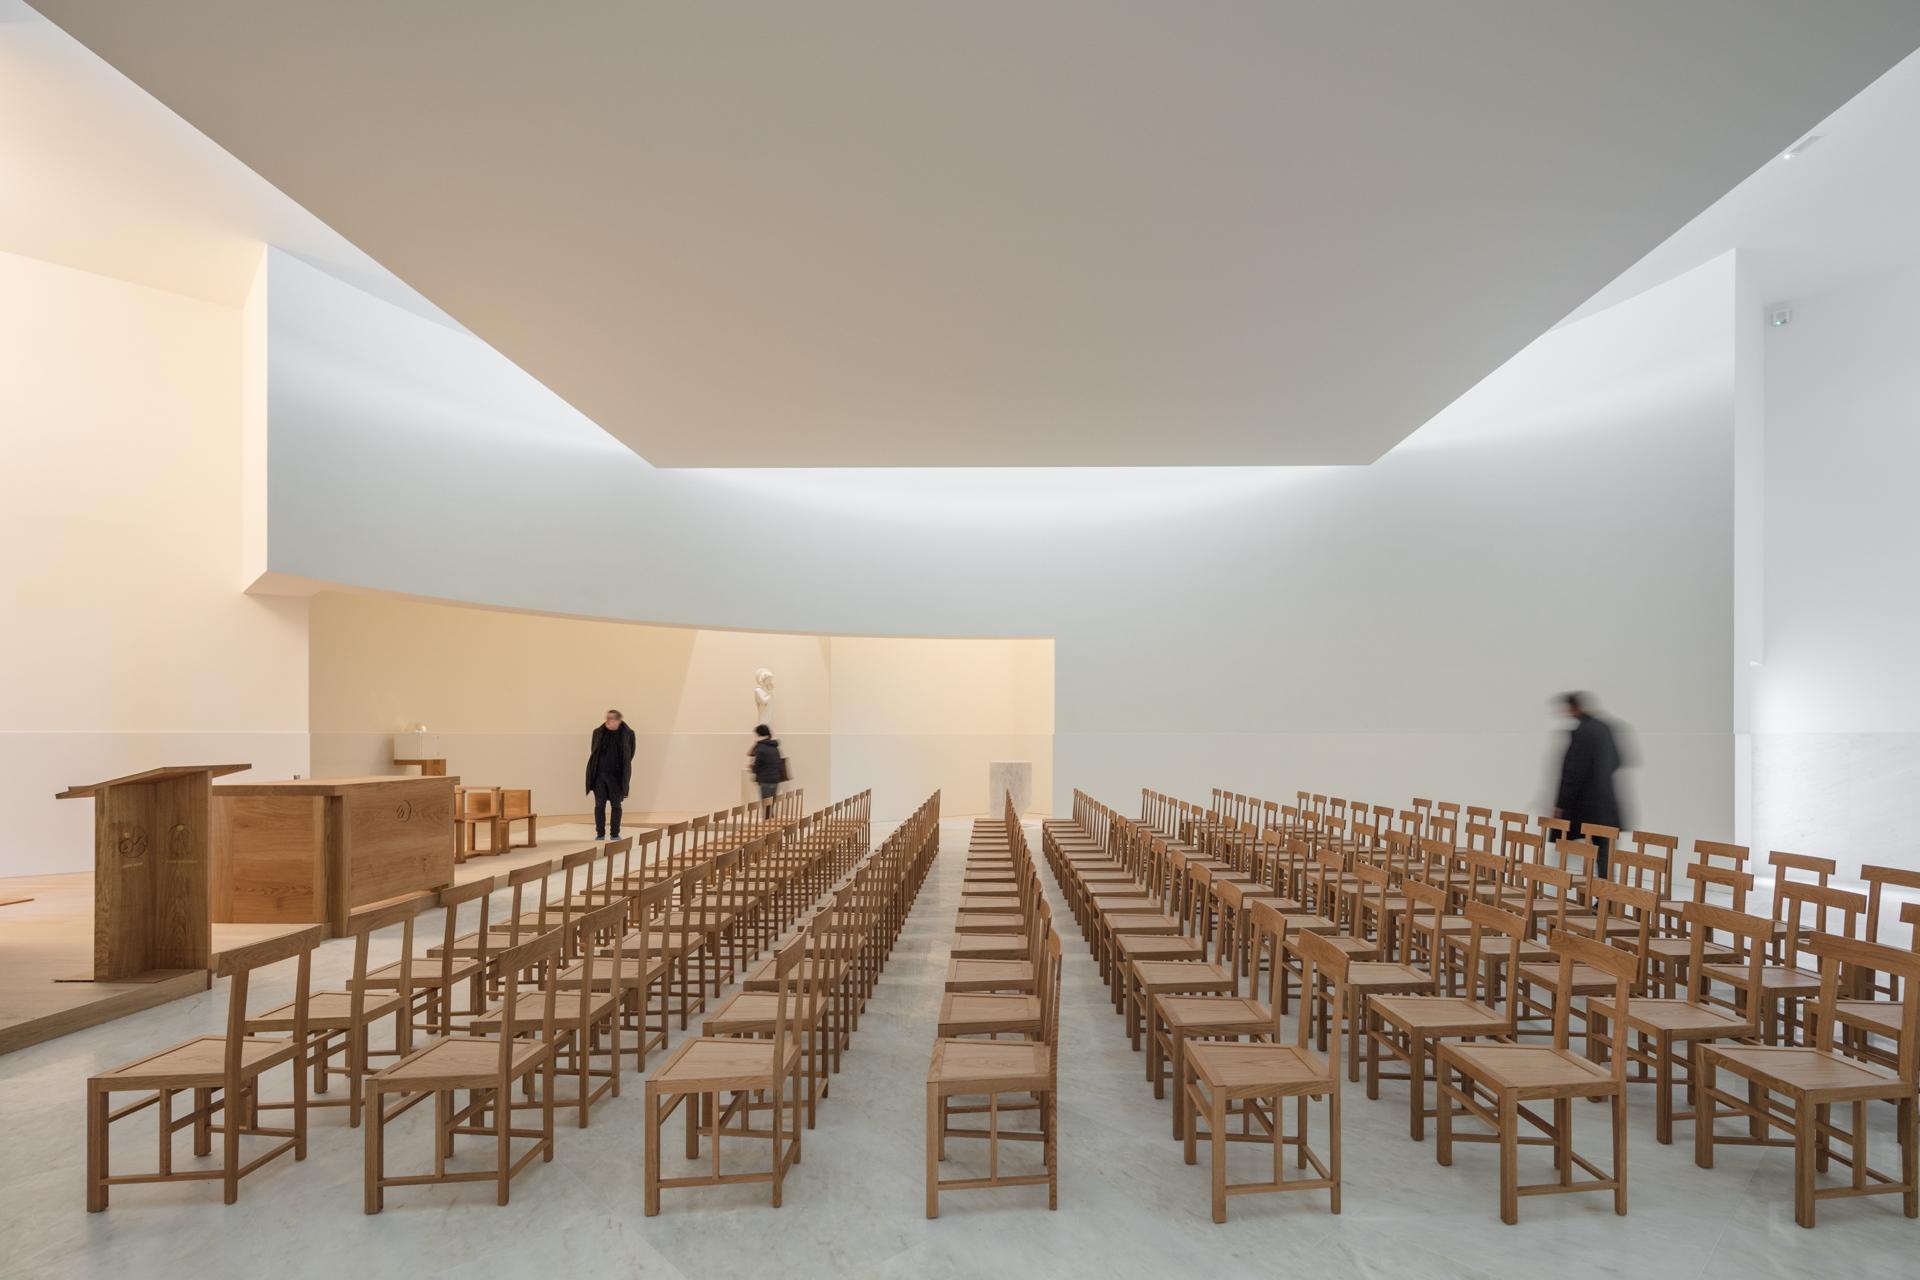 Alvaro Siza a white concrete church in Brittany